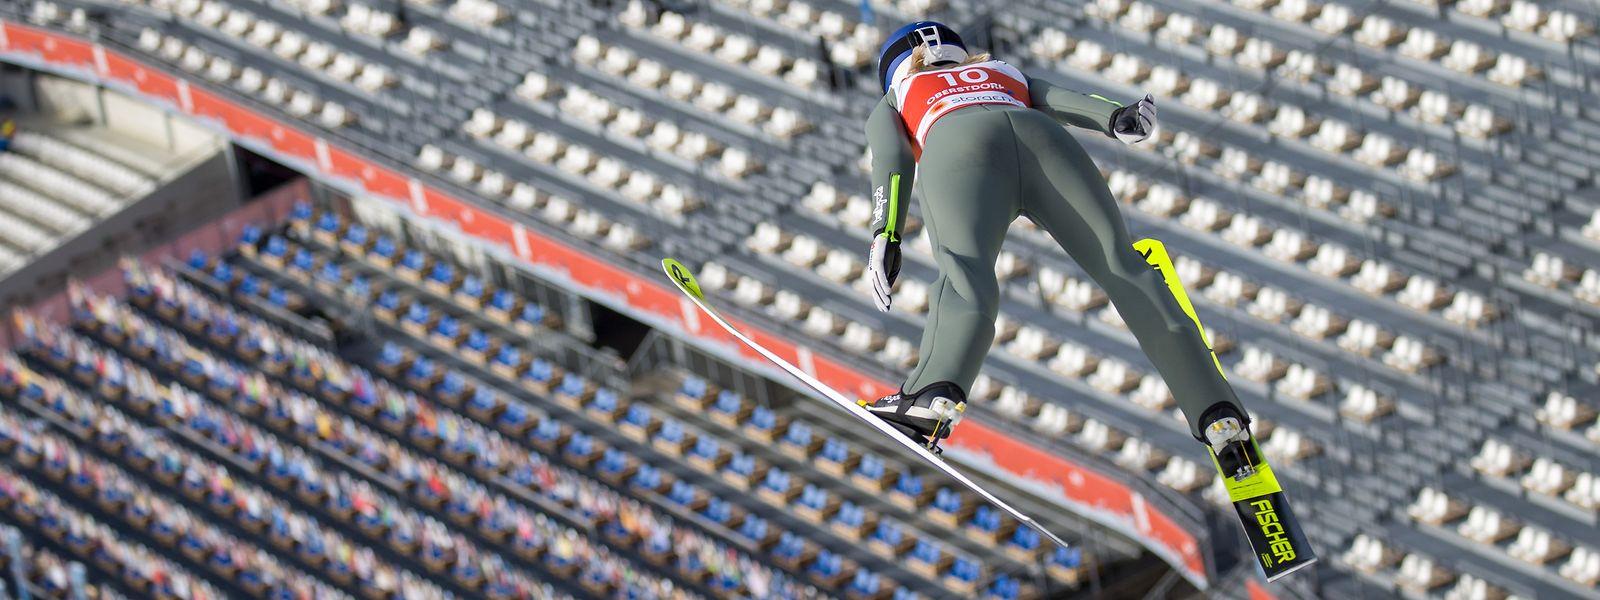 Bei der Nordischen Ski-WM in Oberstdorf dürfen erst einmal die kleinen Nationen ran, bevor unter anderem Joanna Szwab aus Polen in den Wettkampf startet.